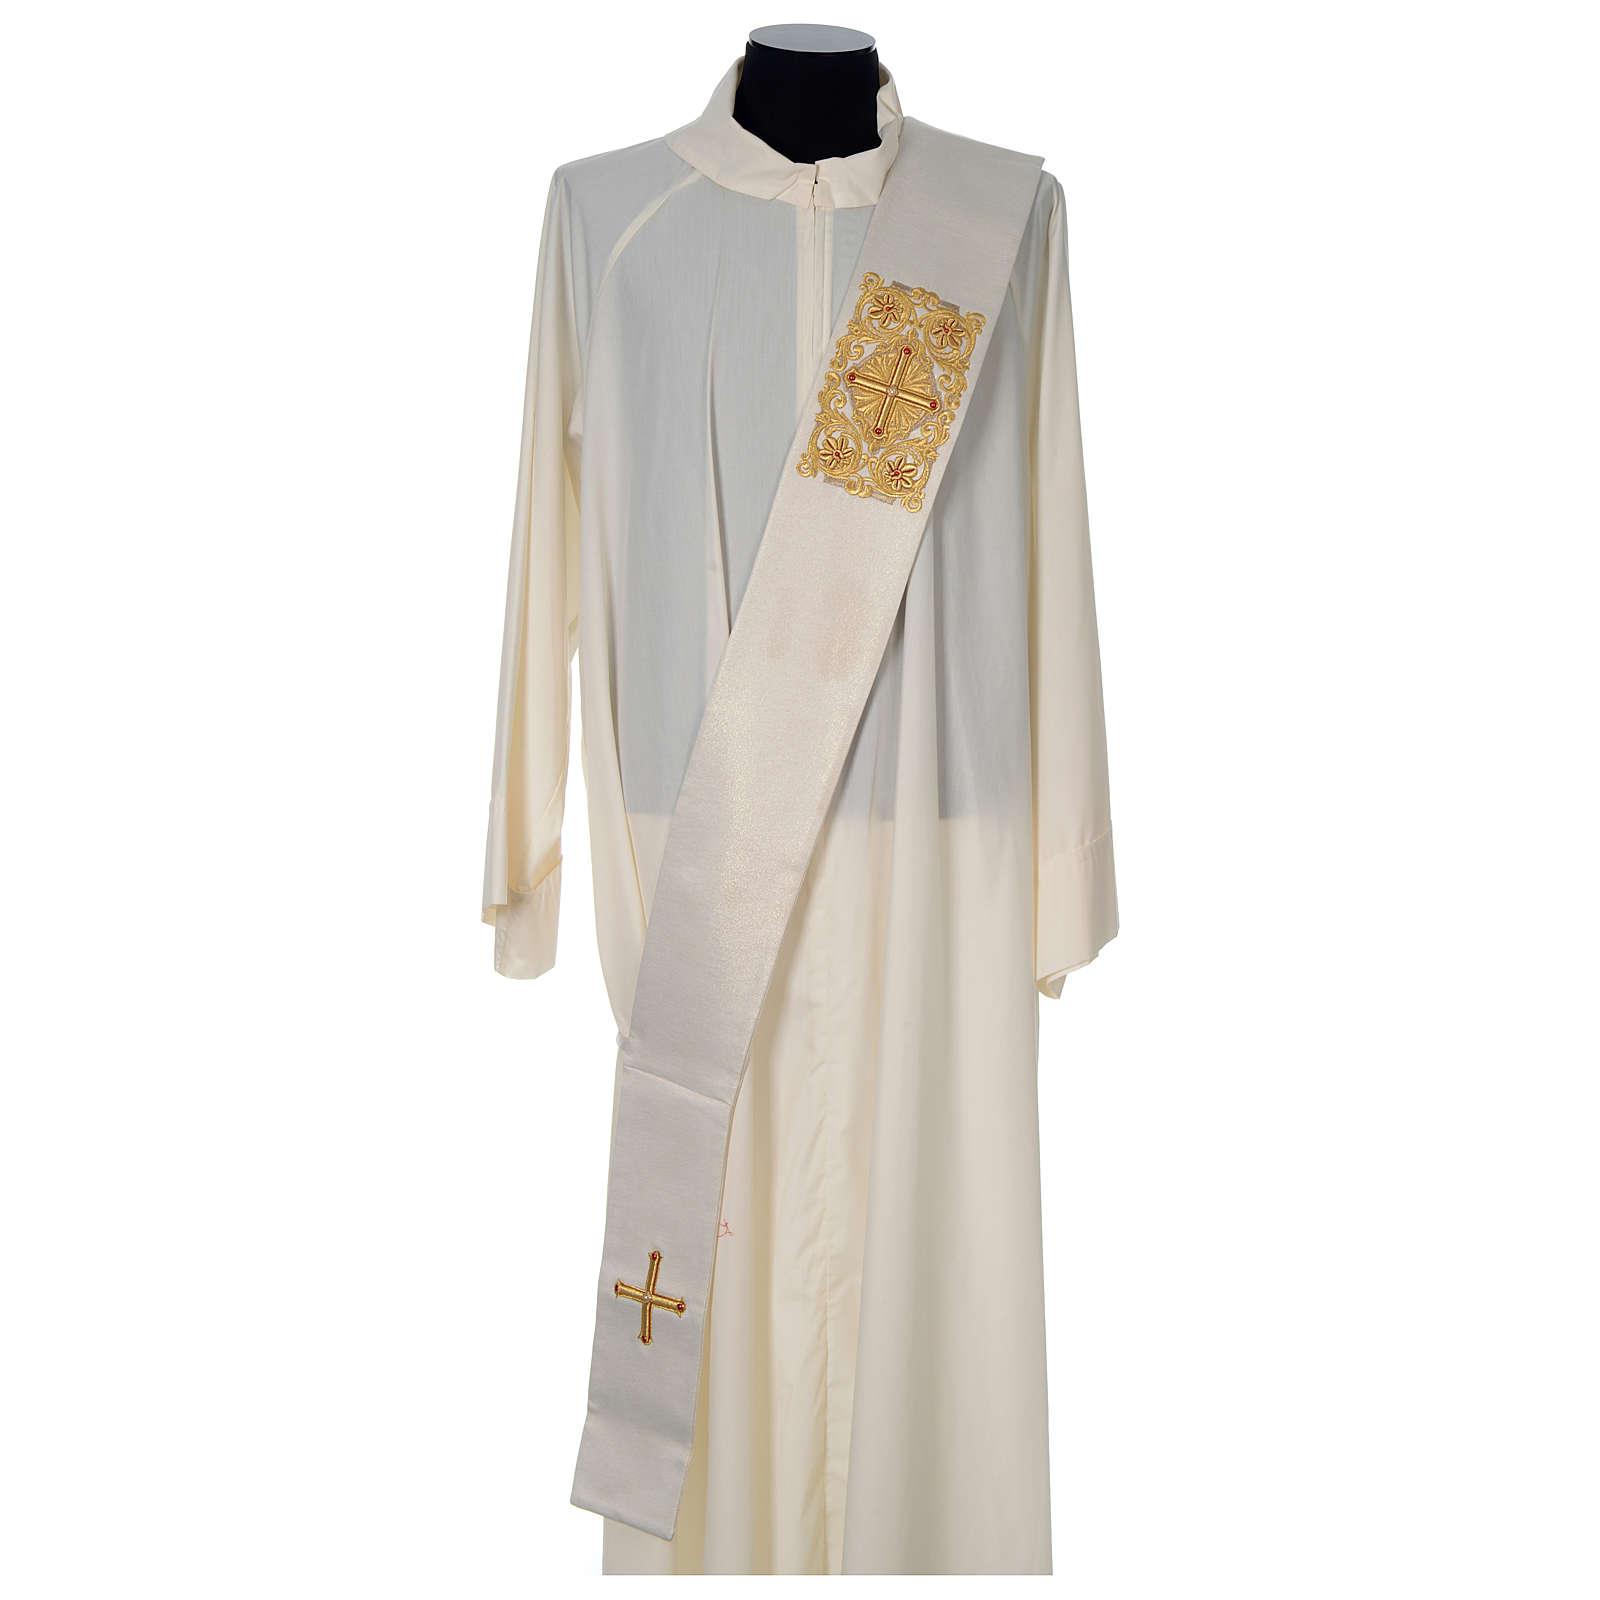 Stola Diaconale Limited Edition pietre avorio lavorato oro 4